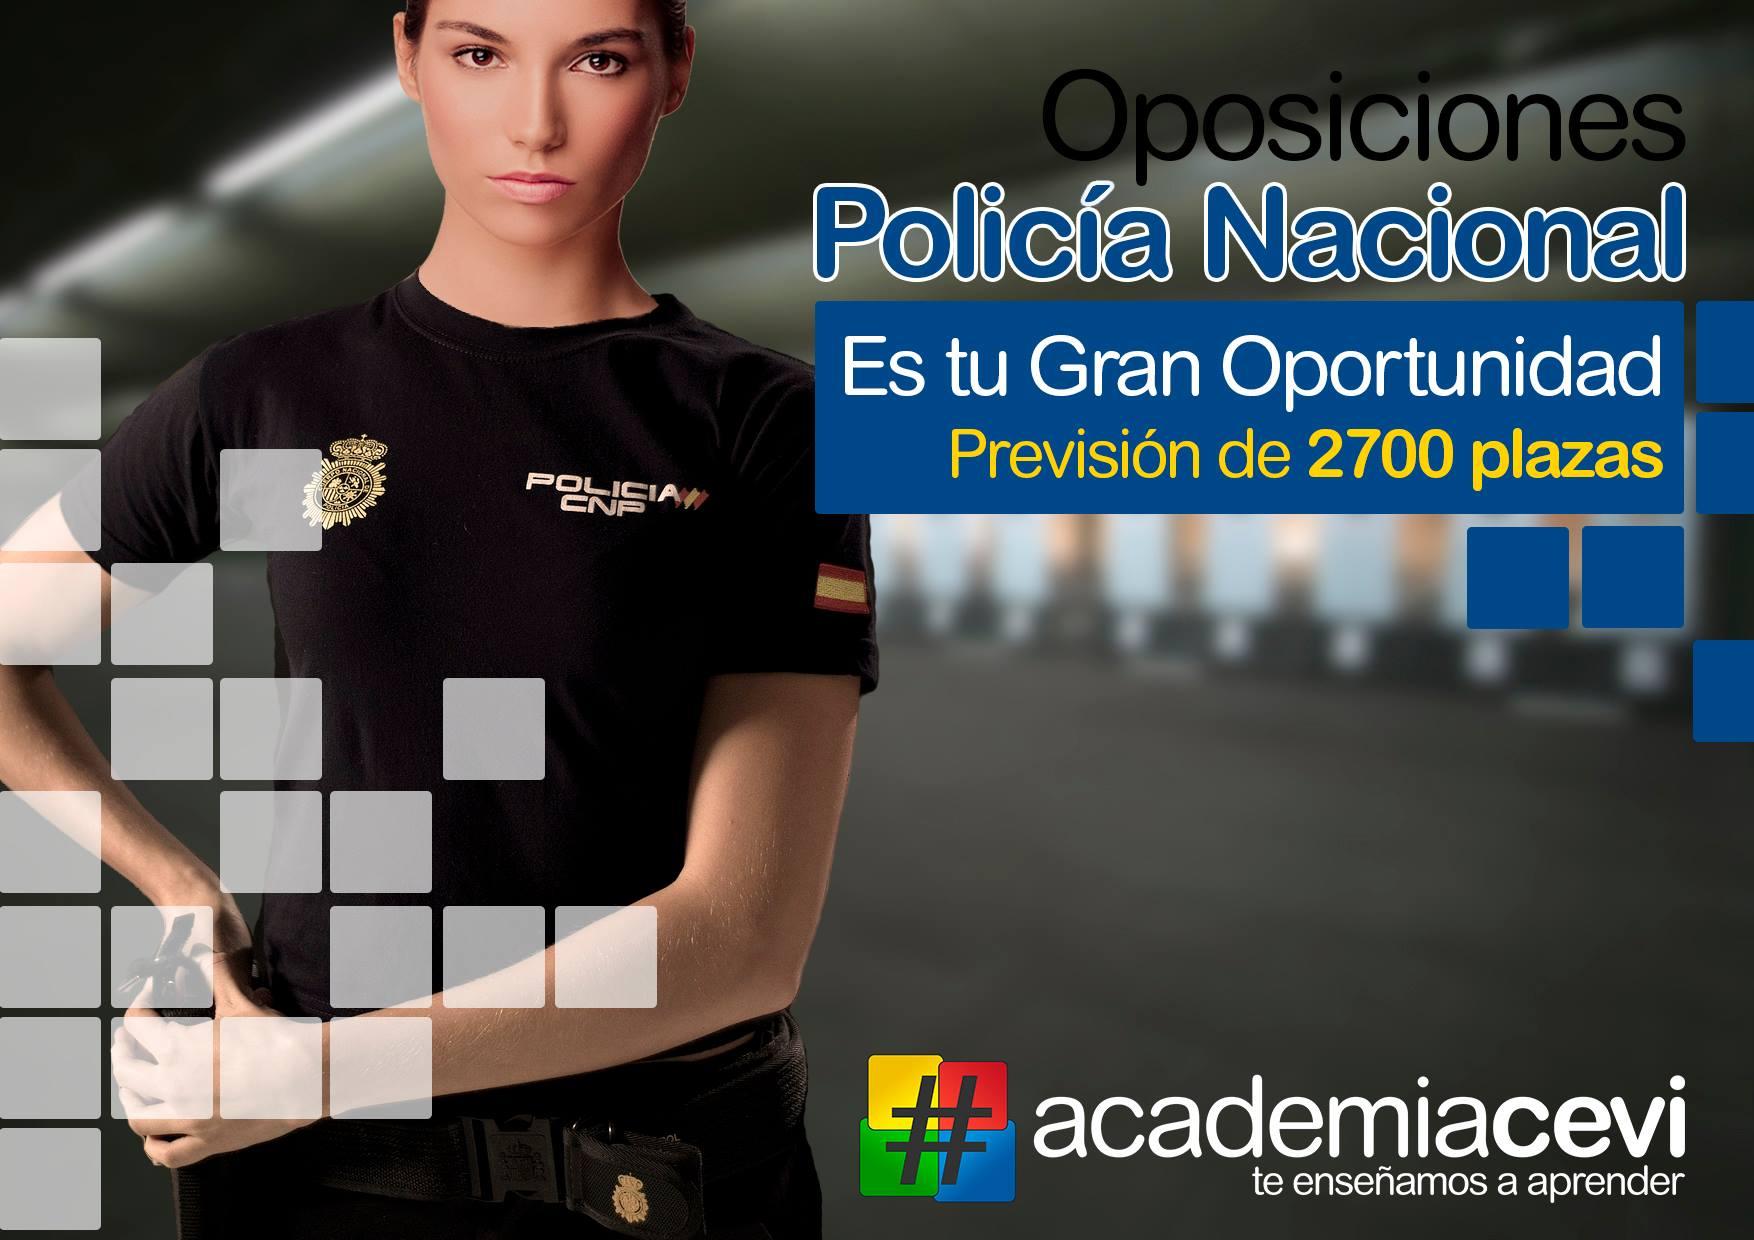 Oposiciones Policia Nacional 2019 en Academia CEVI